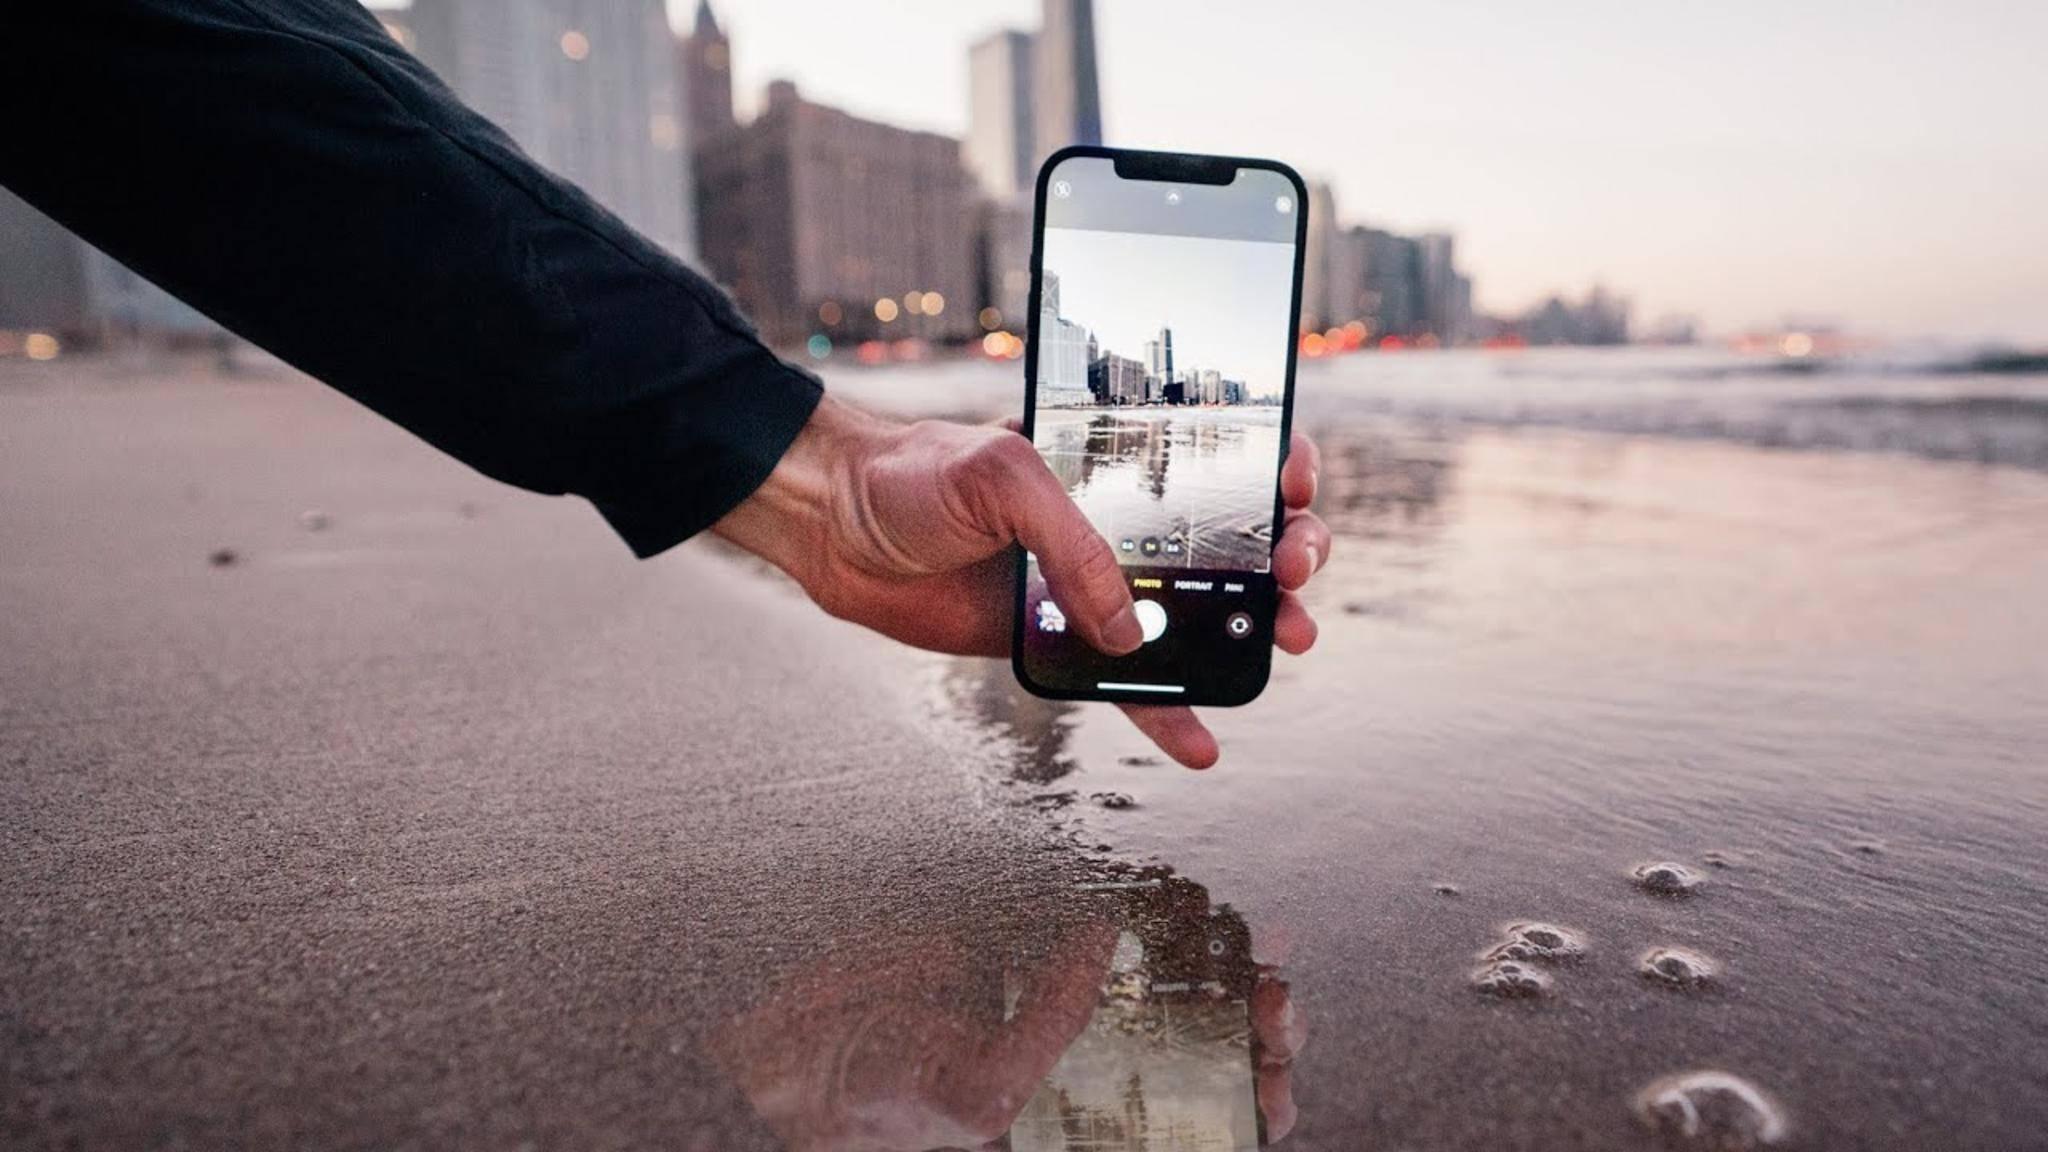 Mit dem neuen iPhone 12 Pro kannst Du RAW-Fotos ohne zusätzliche App aufnehmen.